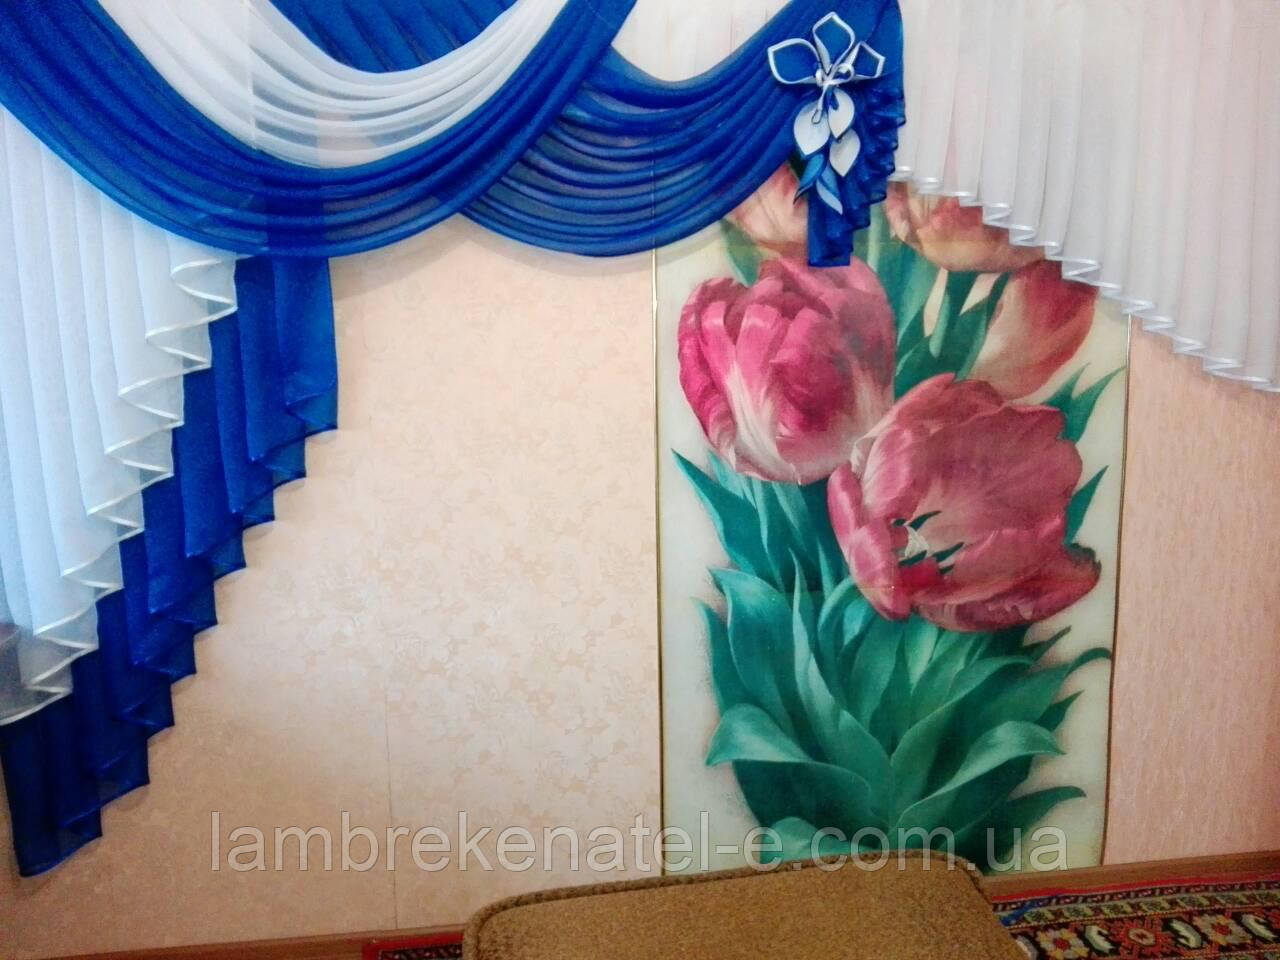 Ламбрекен для кухни синий